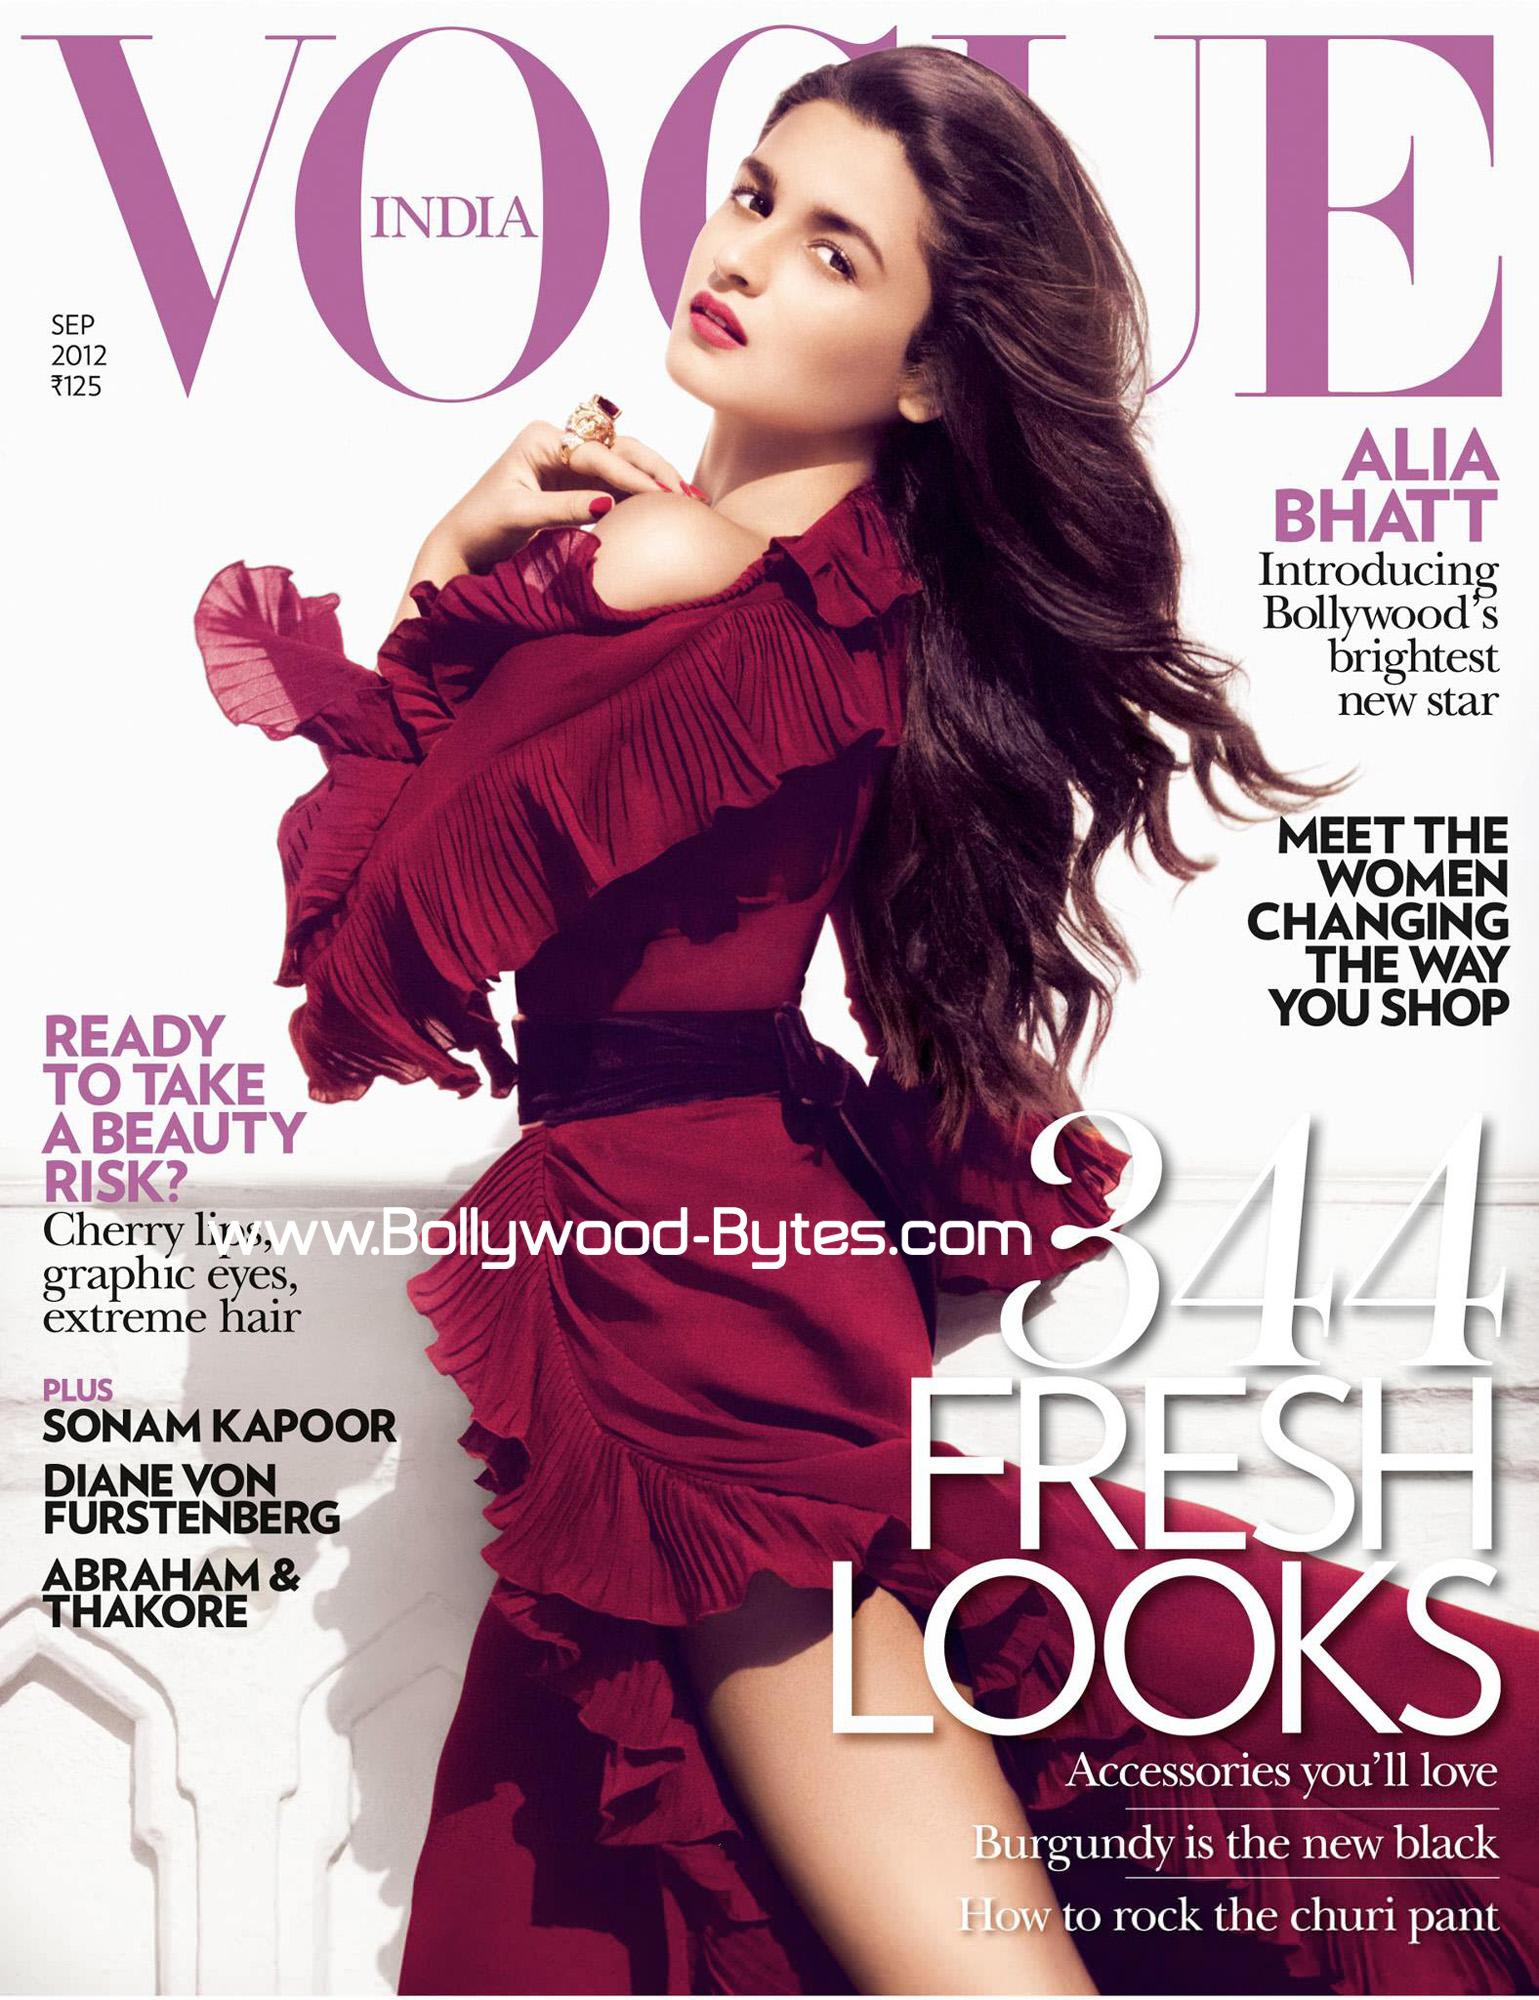 http://3.bp.blogspot.com/-gSCt_QZl42A/UETBX88XIZI/AAAAAAAAOWw/1AofWIGdmno/s2000/Hot-Alia-Bhatt-On-the-cover-Vogue-India-Magazine-September-2012.jpg